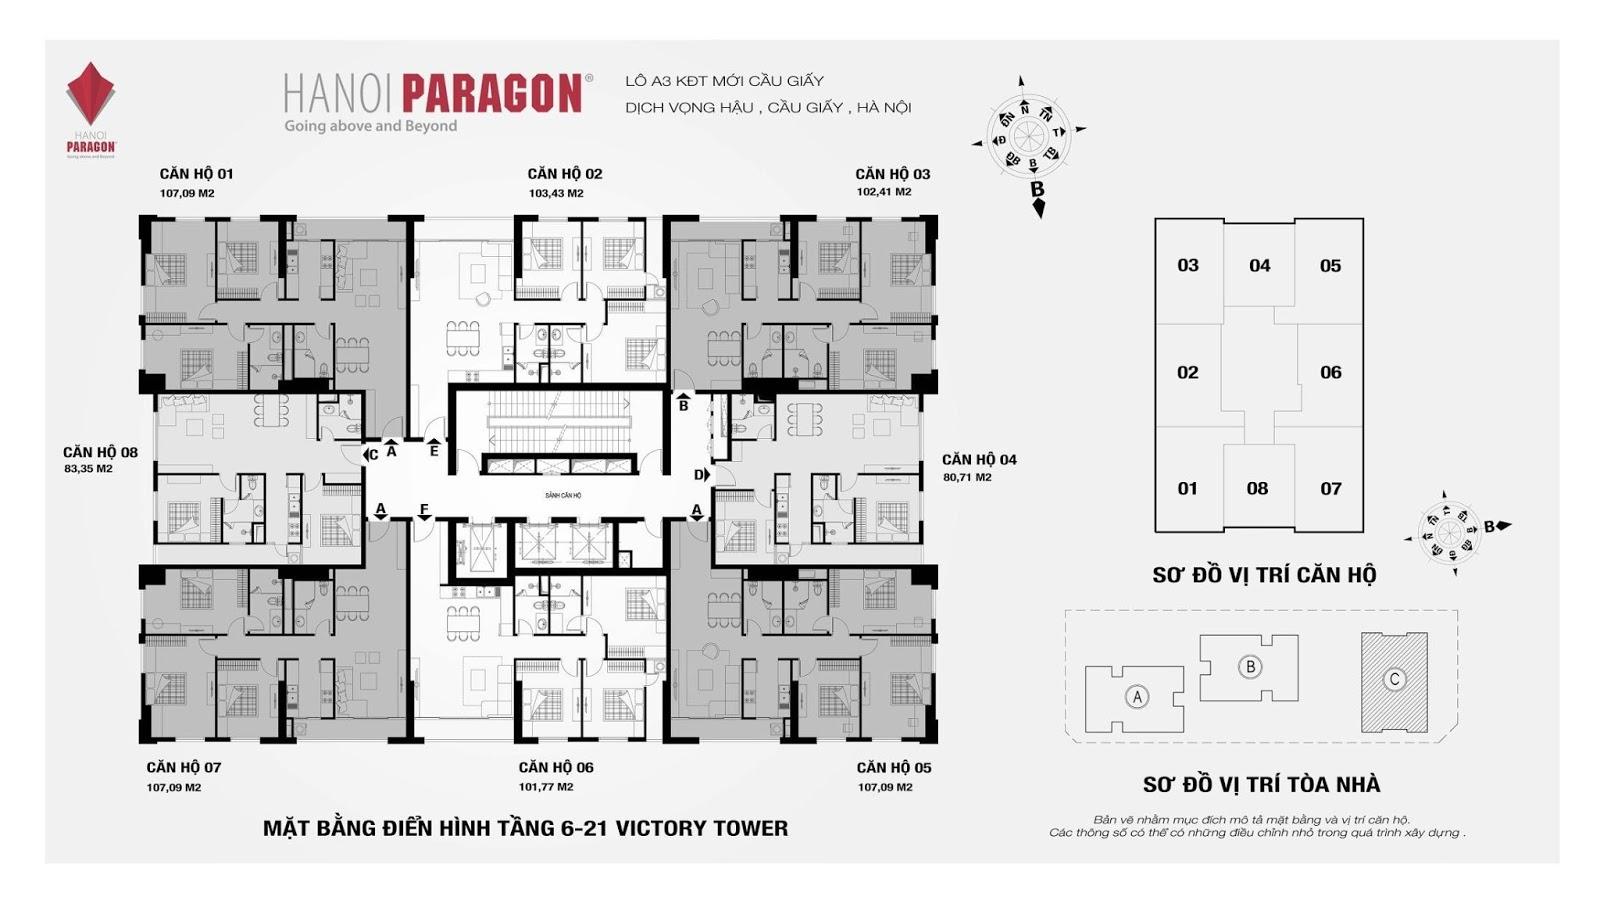 Mặt bằng căn hộ tầng 6 - 21